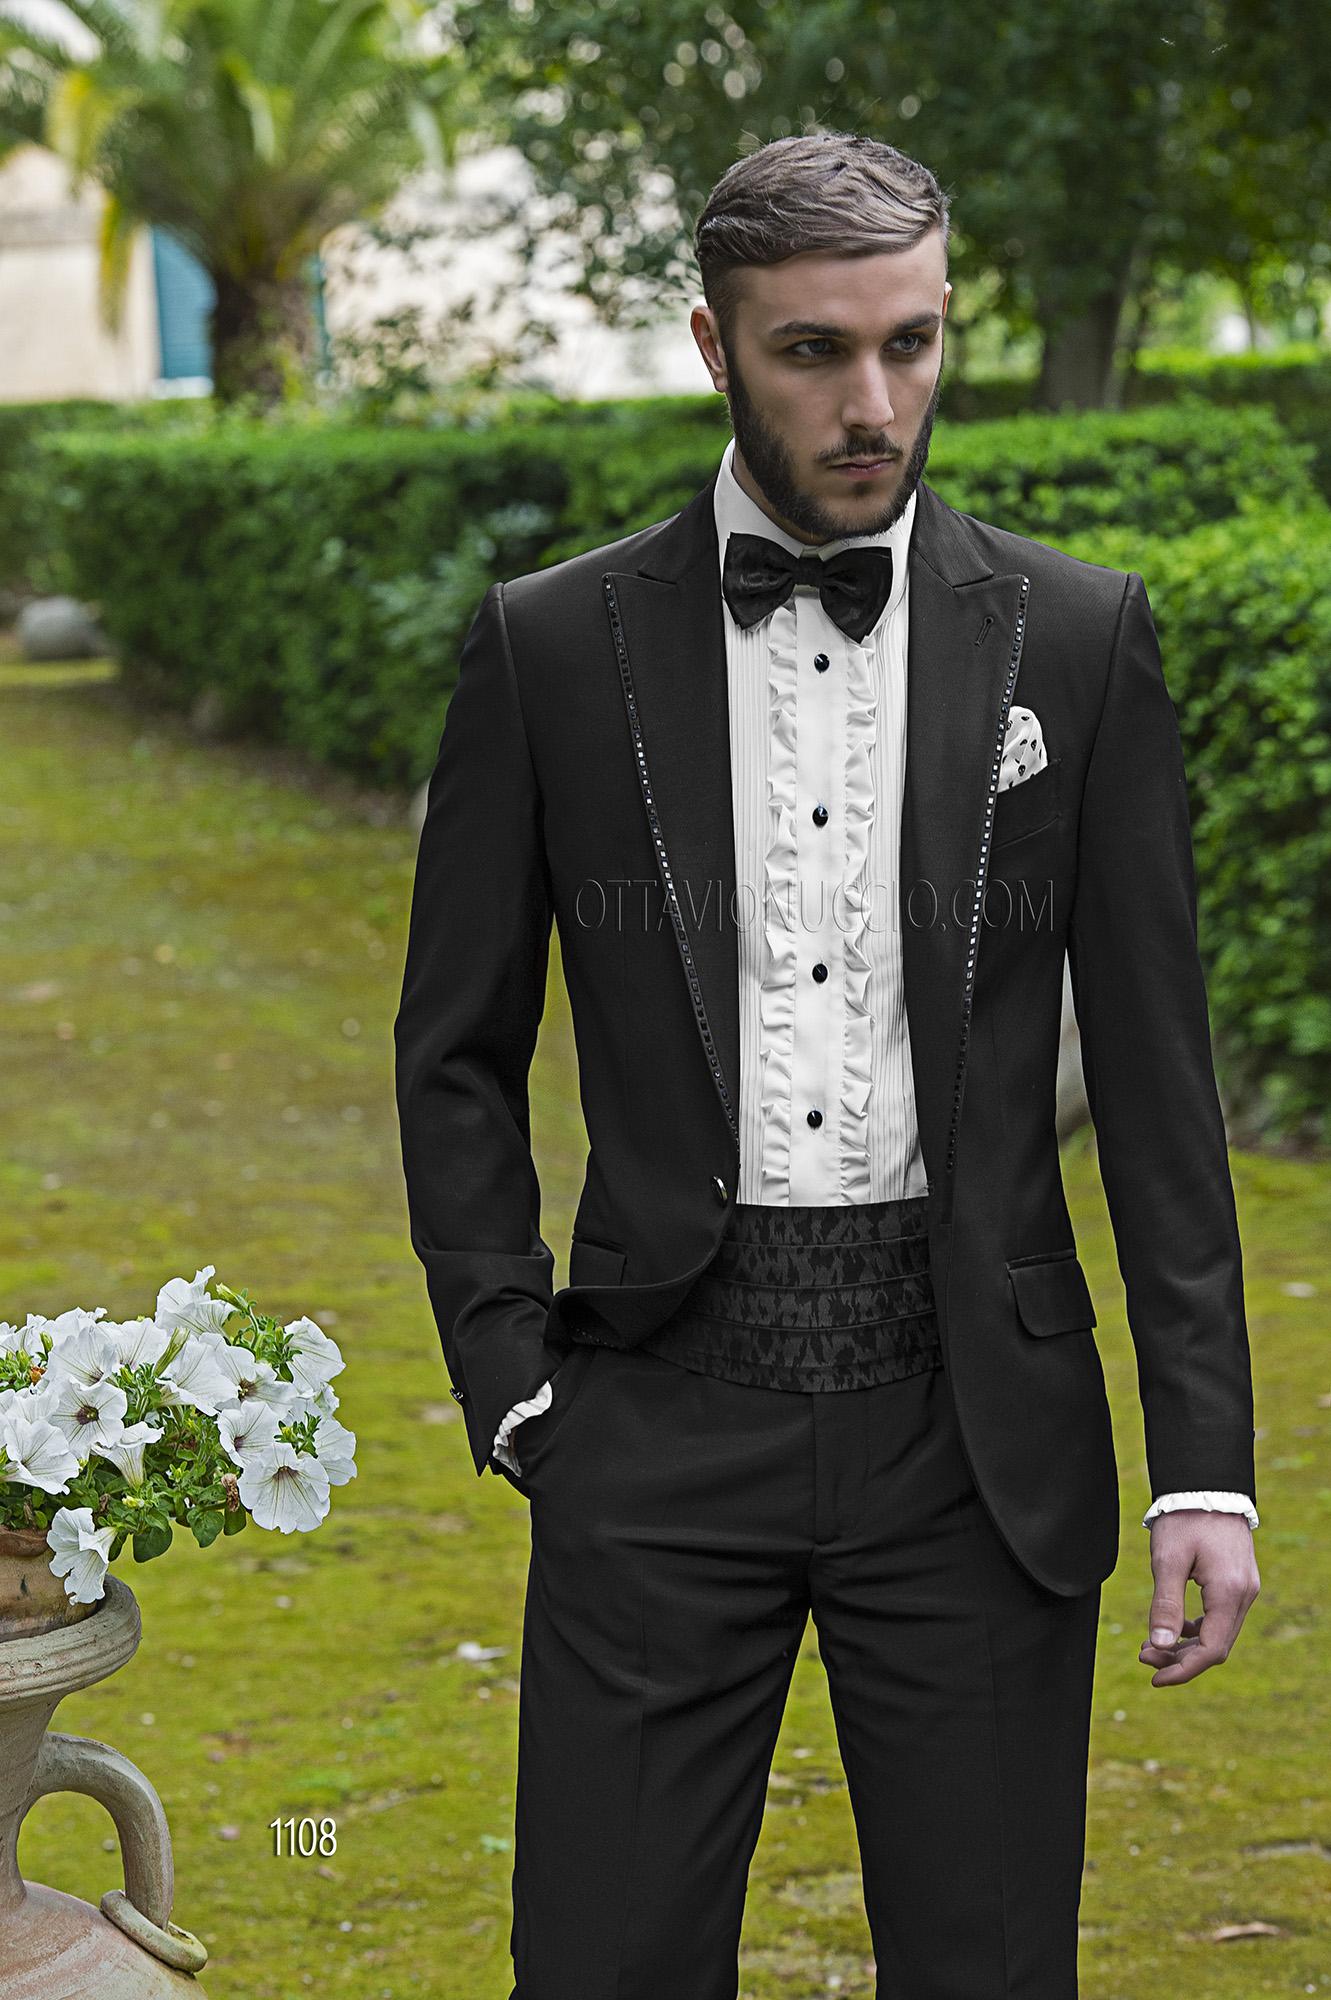 Schwarze hochzeitsanzug aus acetat wolle for Hochzeitsanzug fliege